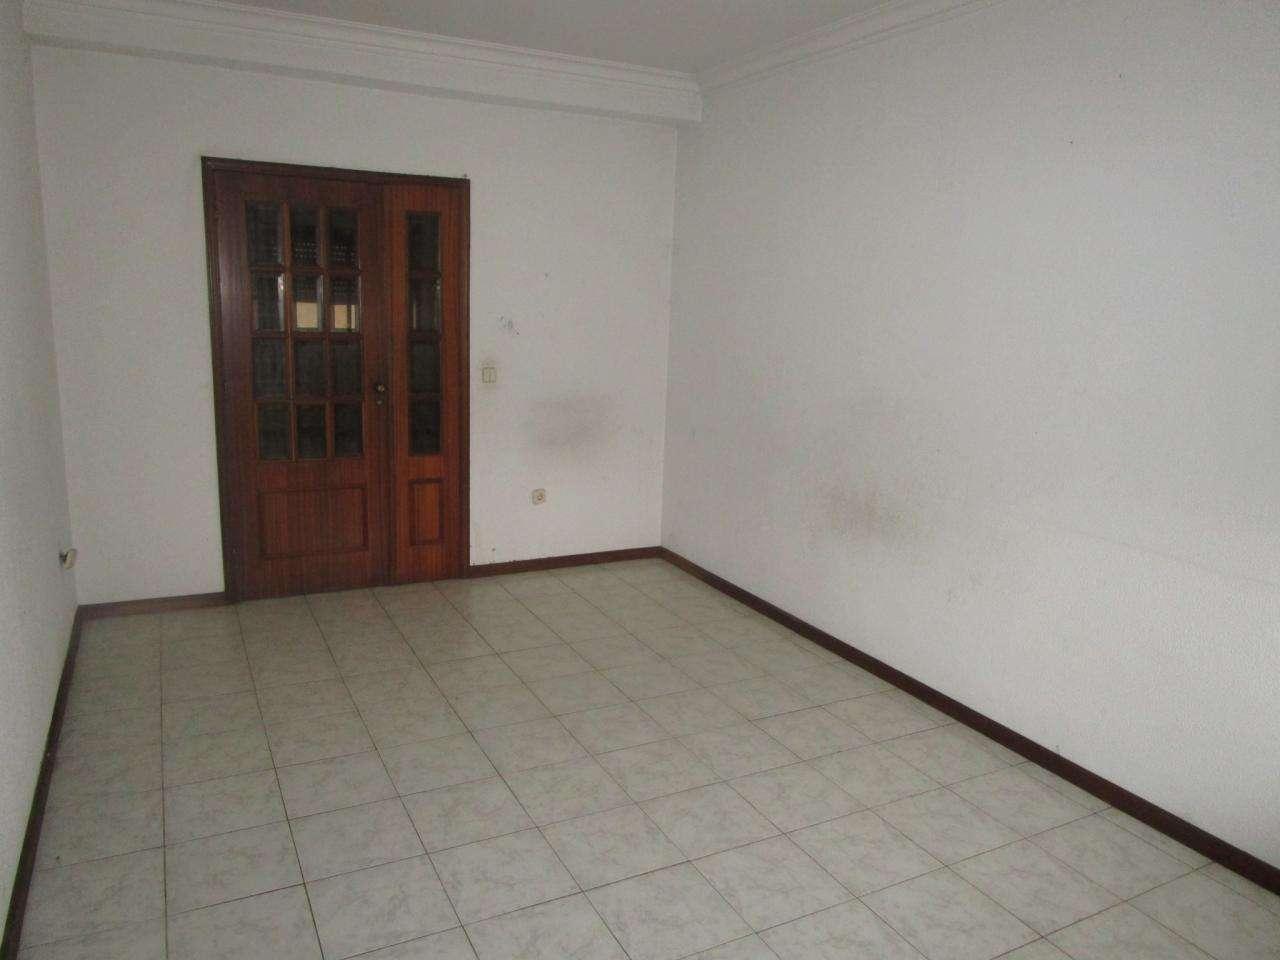 Apartamento para comprar, Baguim do Monte, Porto - Foto 3